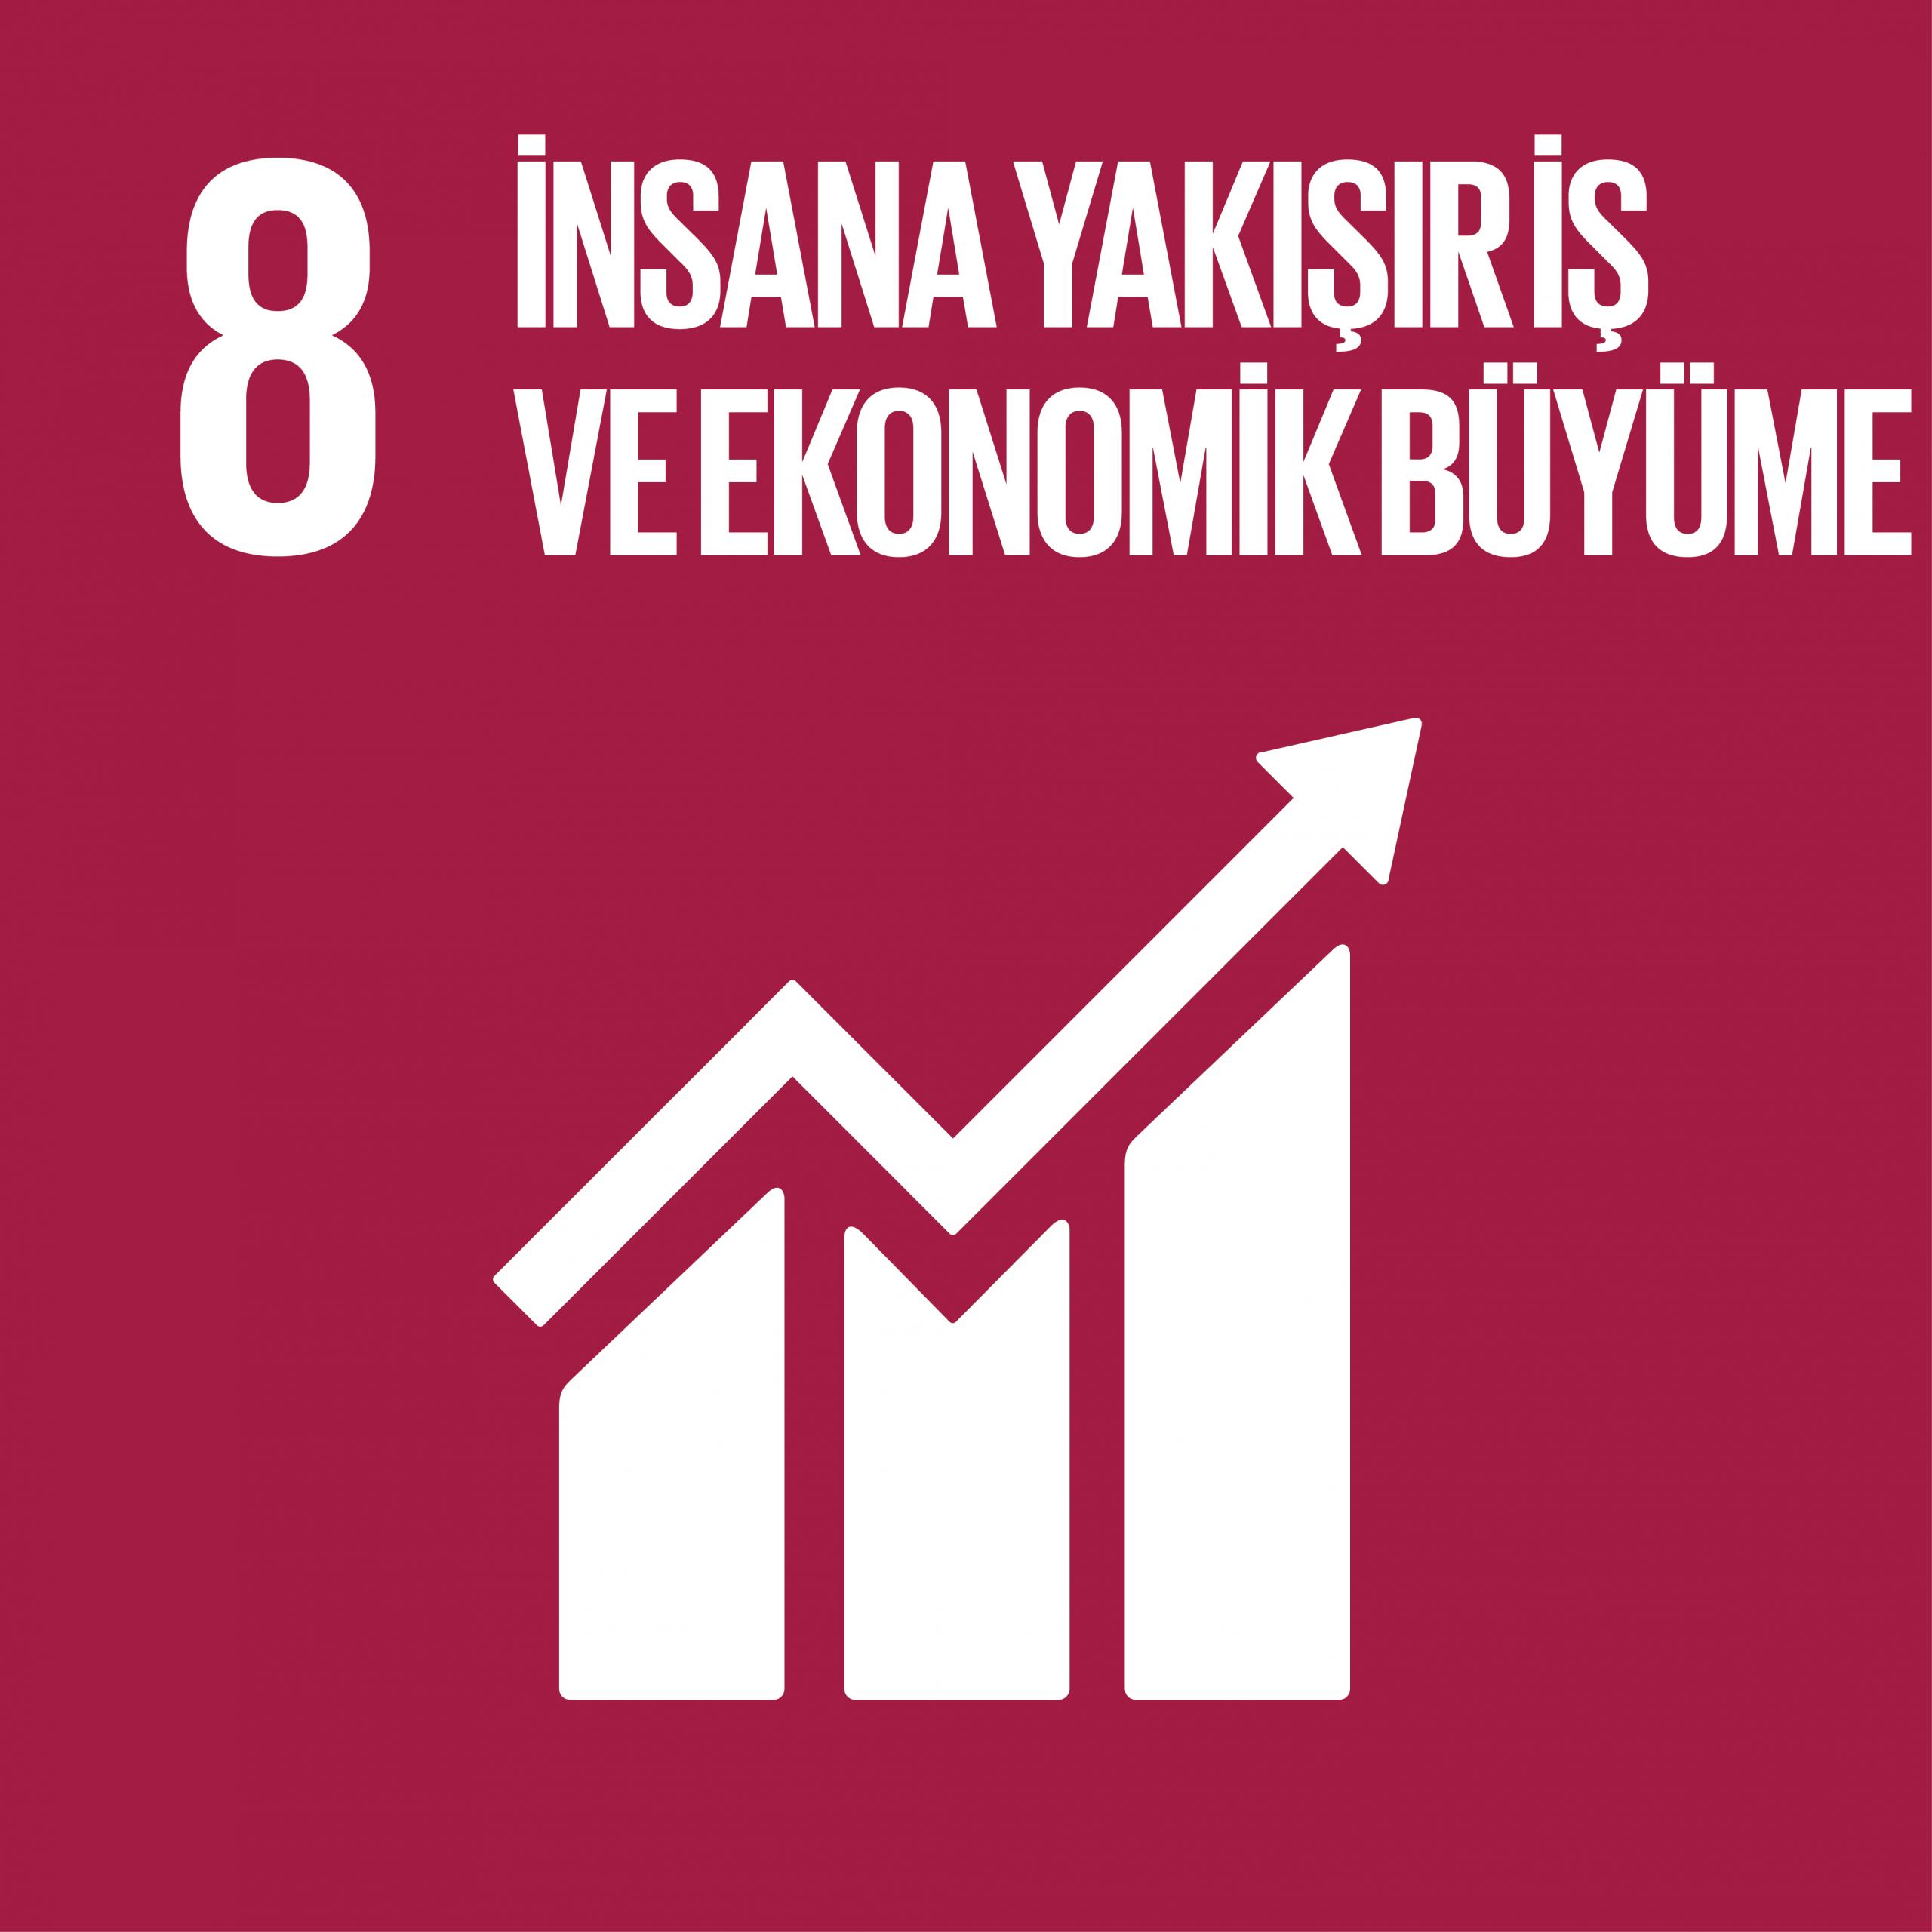 08. İnsana Yakışır İş ve Ekonomik Büyüme